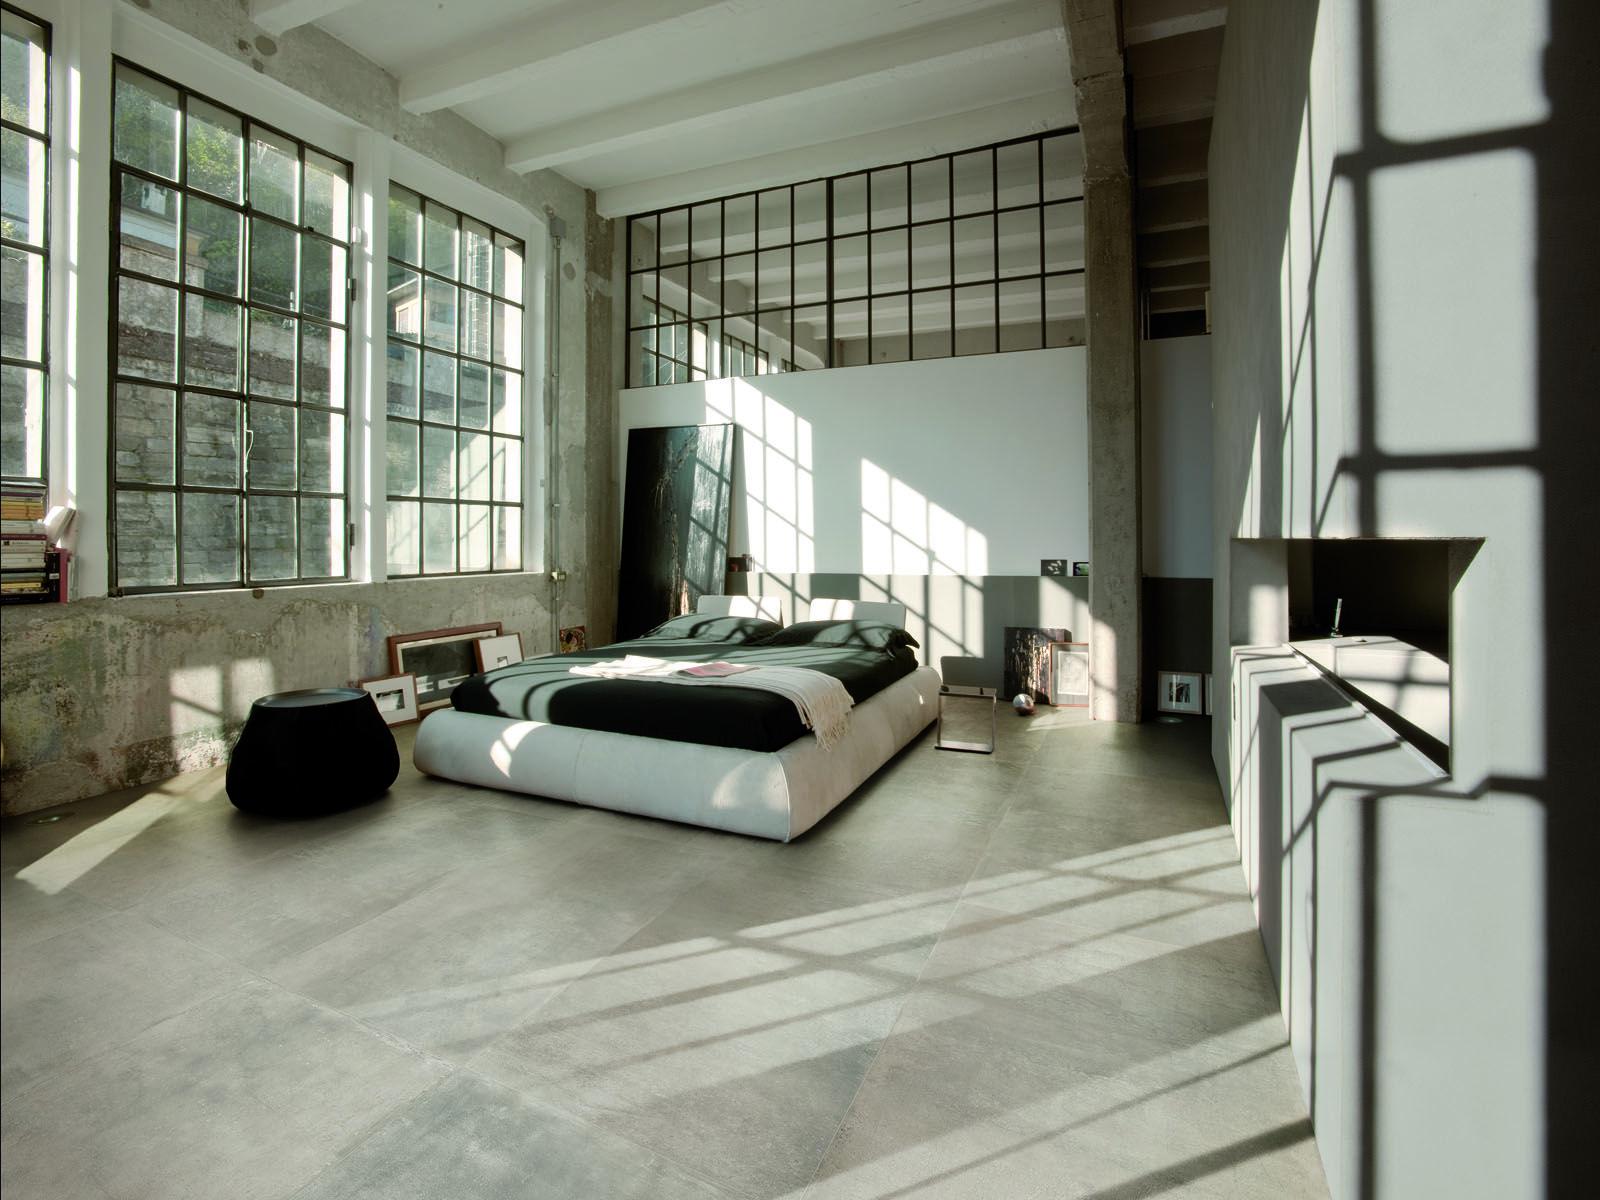 Camera da letto pavimento camera da letto piastrelle per